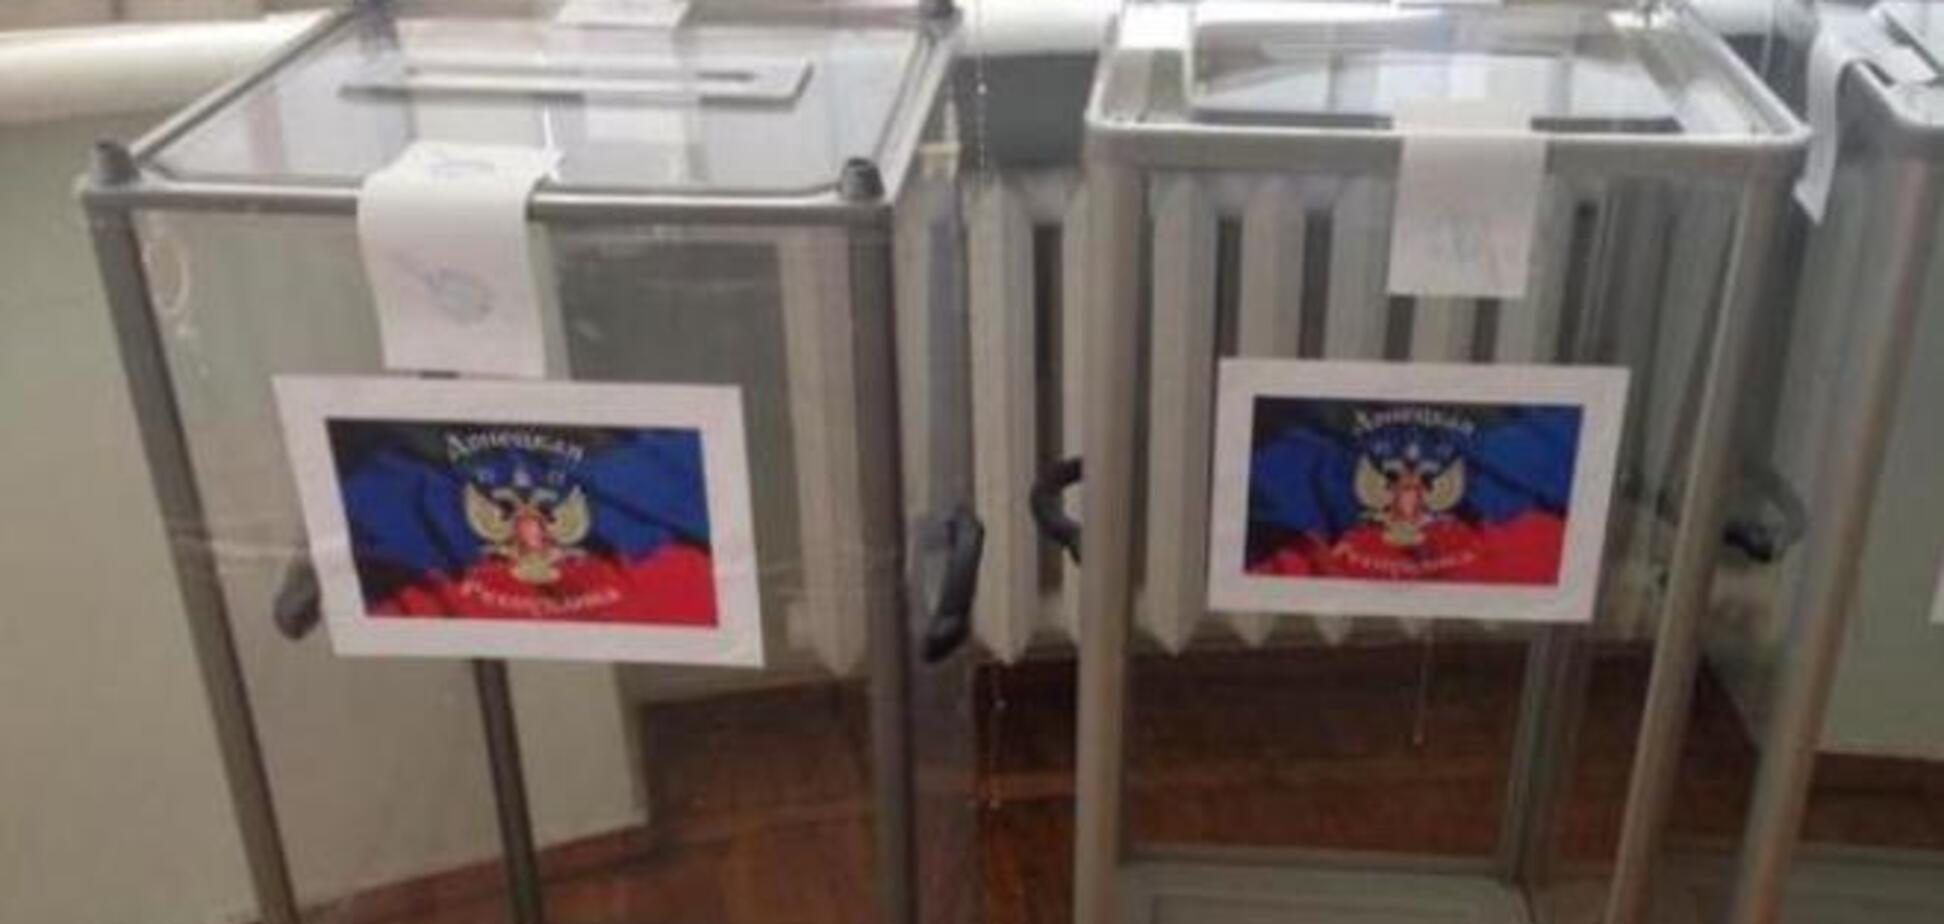 Террористы 'ЛНР' и 'ДНР' проведут 'выборы' на оккупированной ими территории 2 ноября